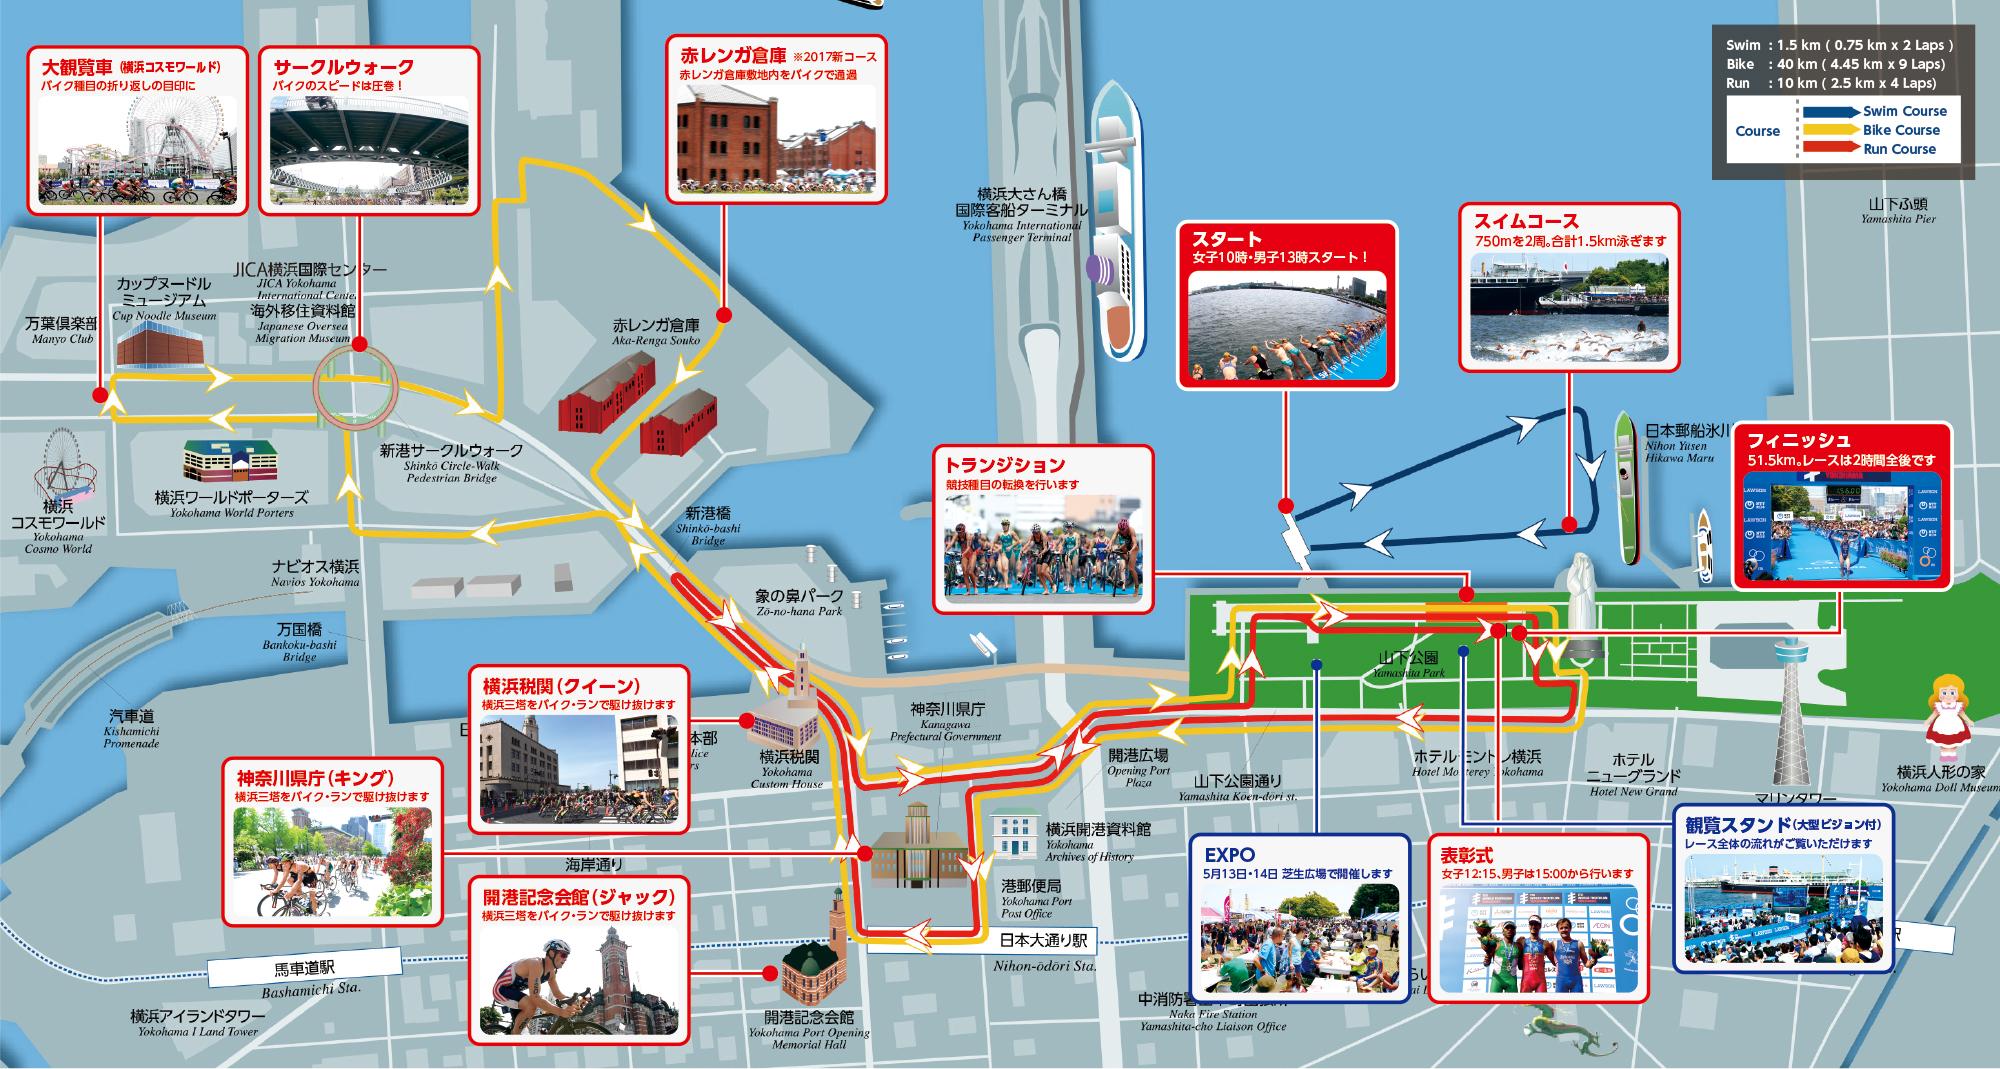 トライアスロン 横浜 コース